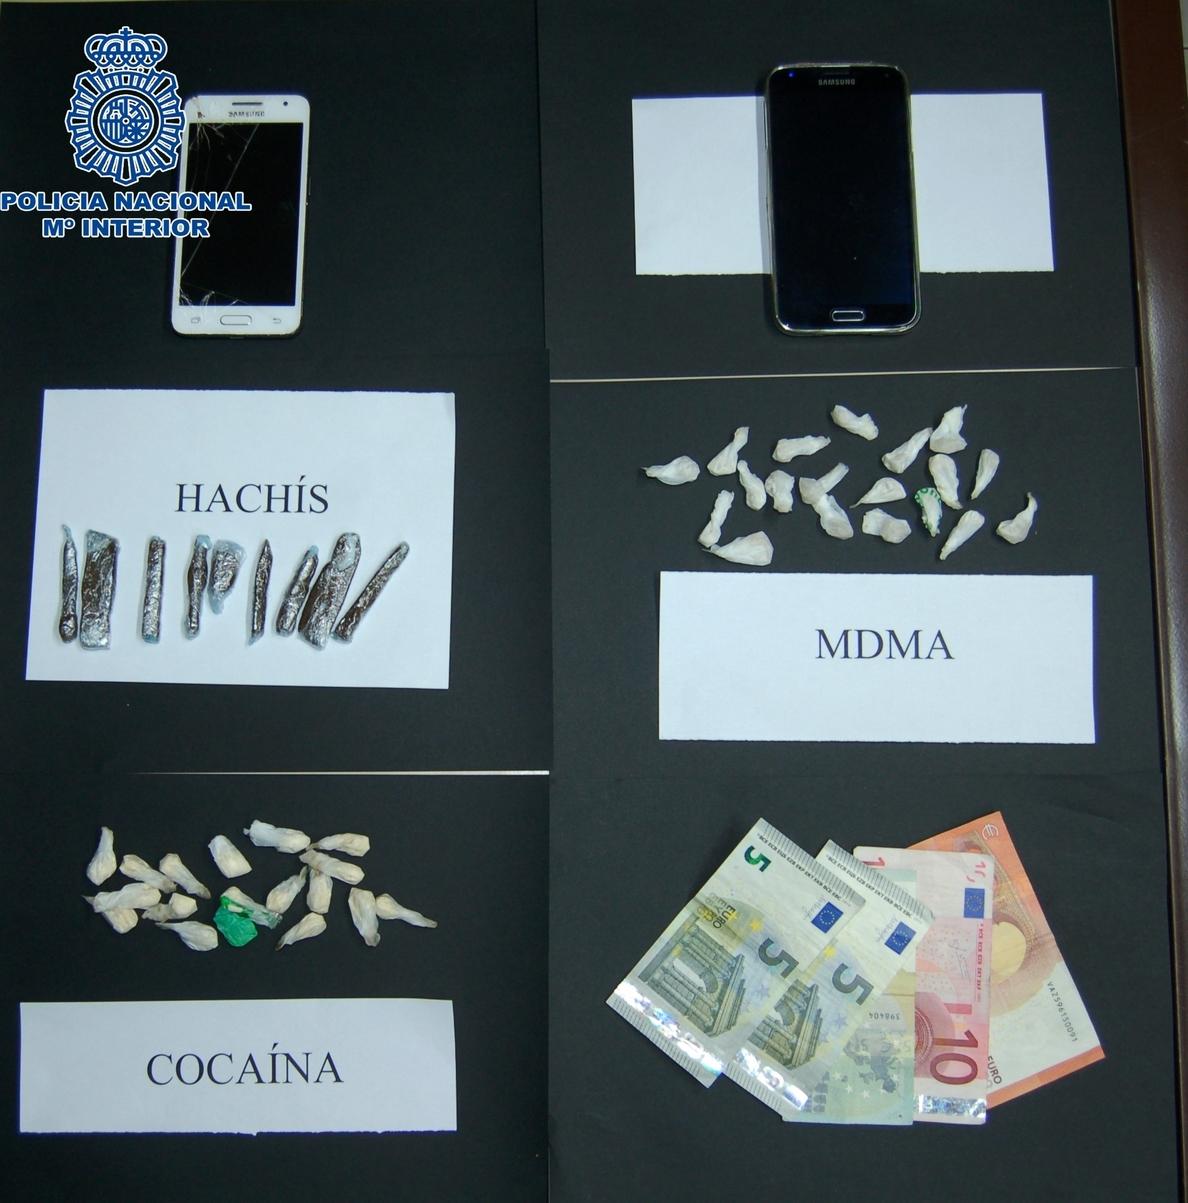 Detenidos dos jóvenes acusados de vender cocaína en la feria